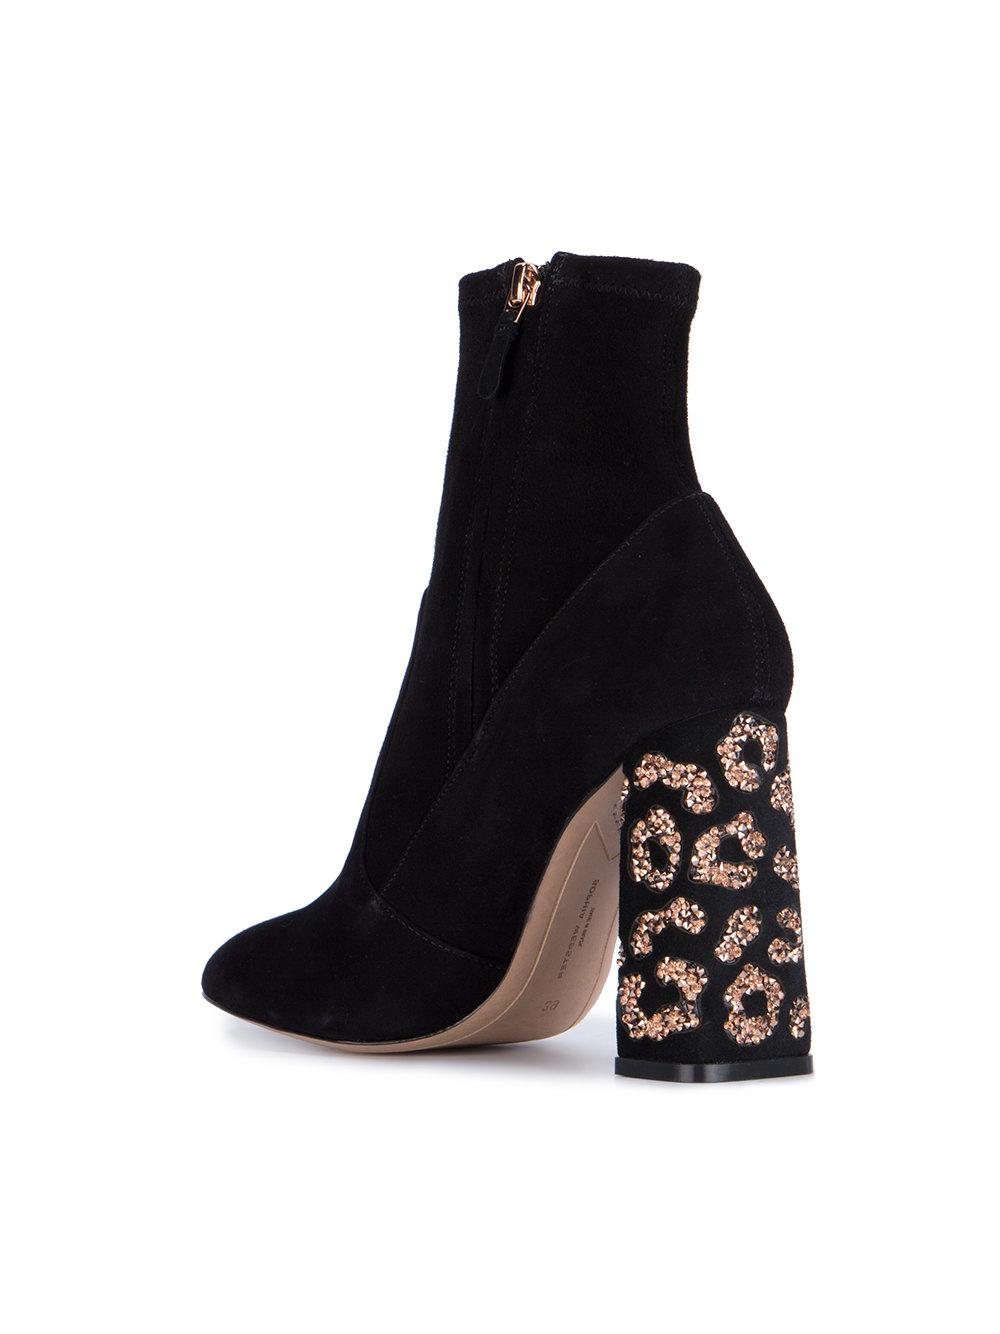 SOPHIA WEBSTER Boots - $750